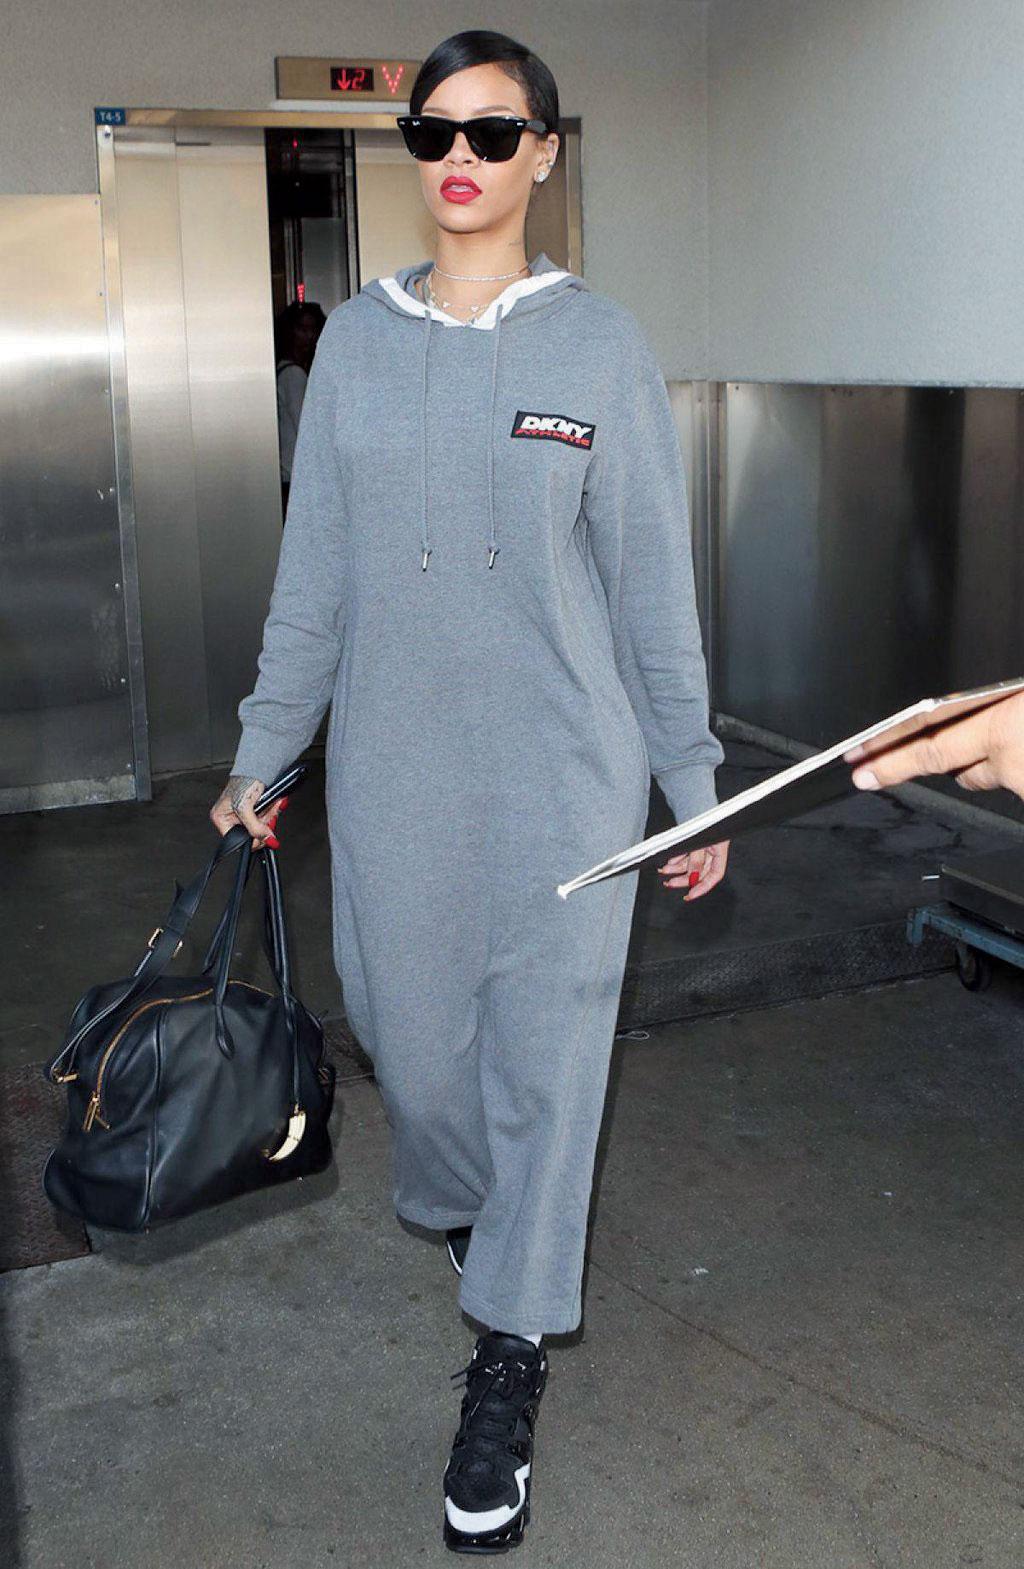 DKNY의 스웨트 드레스를 세련되게 소화한 리아나